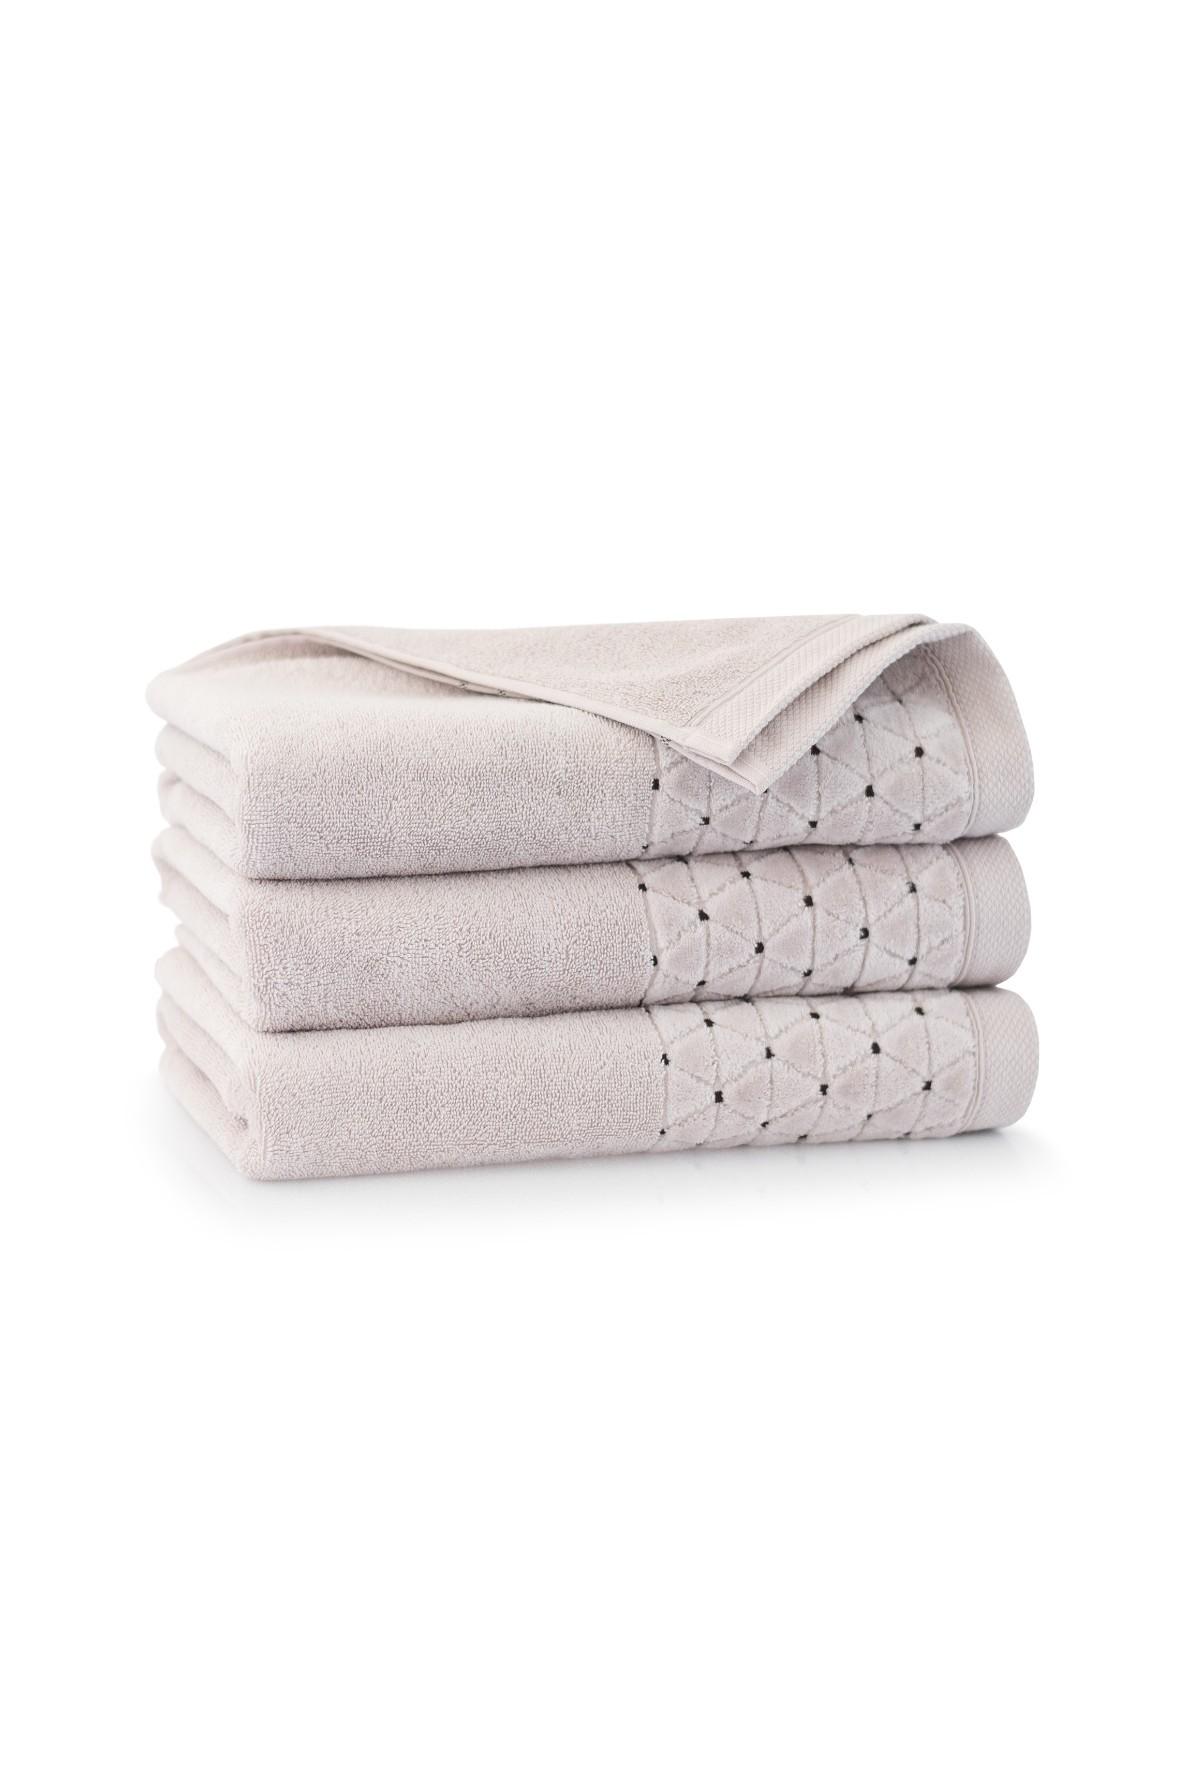 Ręcznik antybakteryjny Oscar z bawełny egipskiej - 50x100 cm